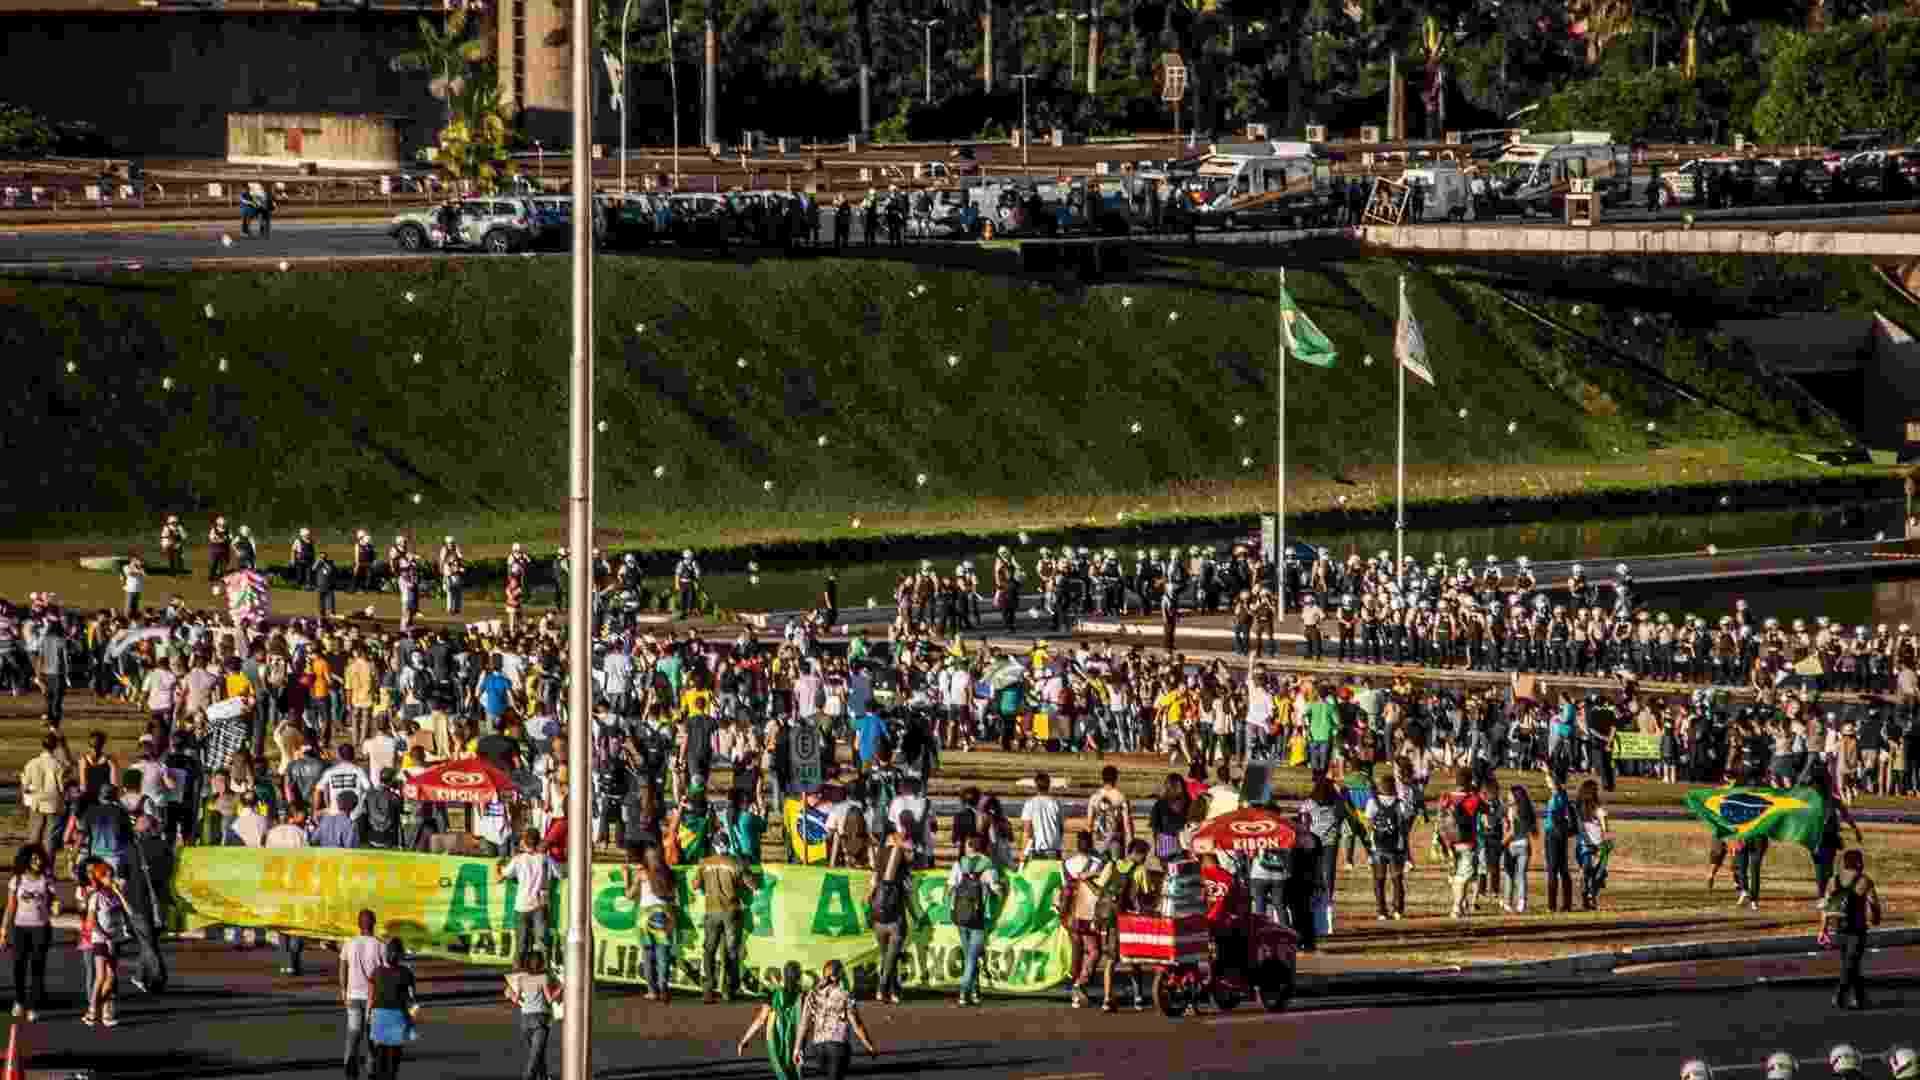 """26.jun.2013 - Manifestantes protestam em frente ao Congresso Nacional, em Brasília, nesta quarta-feira. O grupo pede, entre outras coisas, a revogação do projeto que ficou popularmente conhecido como """"cura gay"""" e a saída do deputado Marco Feliciano (PSC) da presidência da Comissão dos Direitos Humanos da Câmara dos Deputados - Pedro França/Futura Press"""